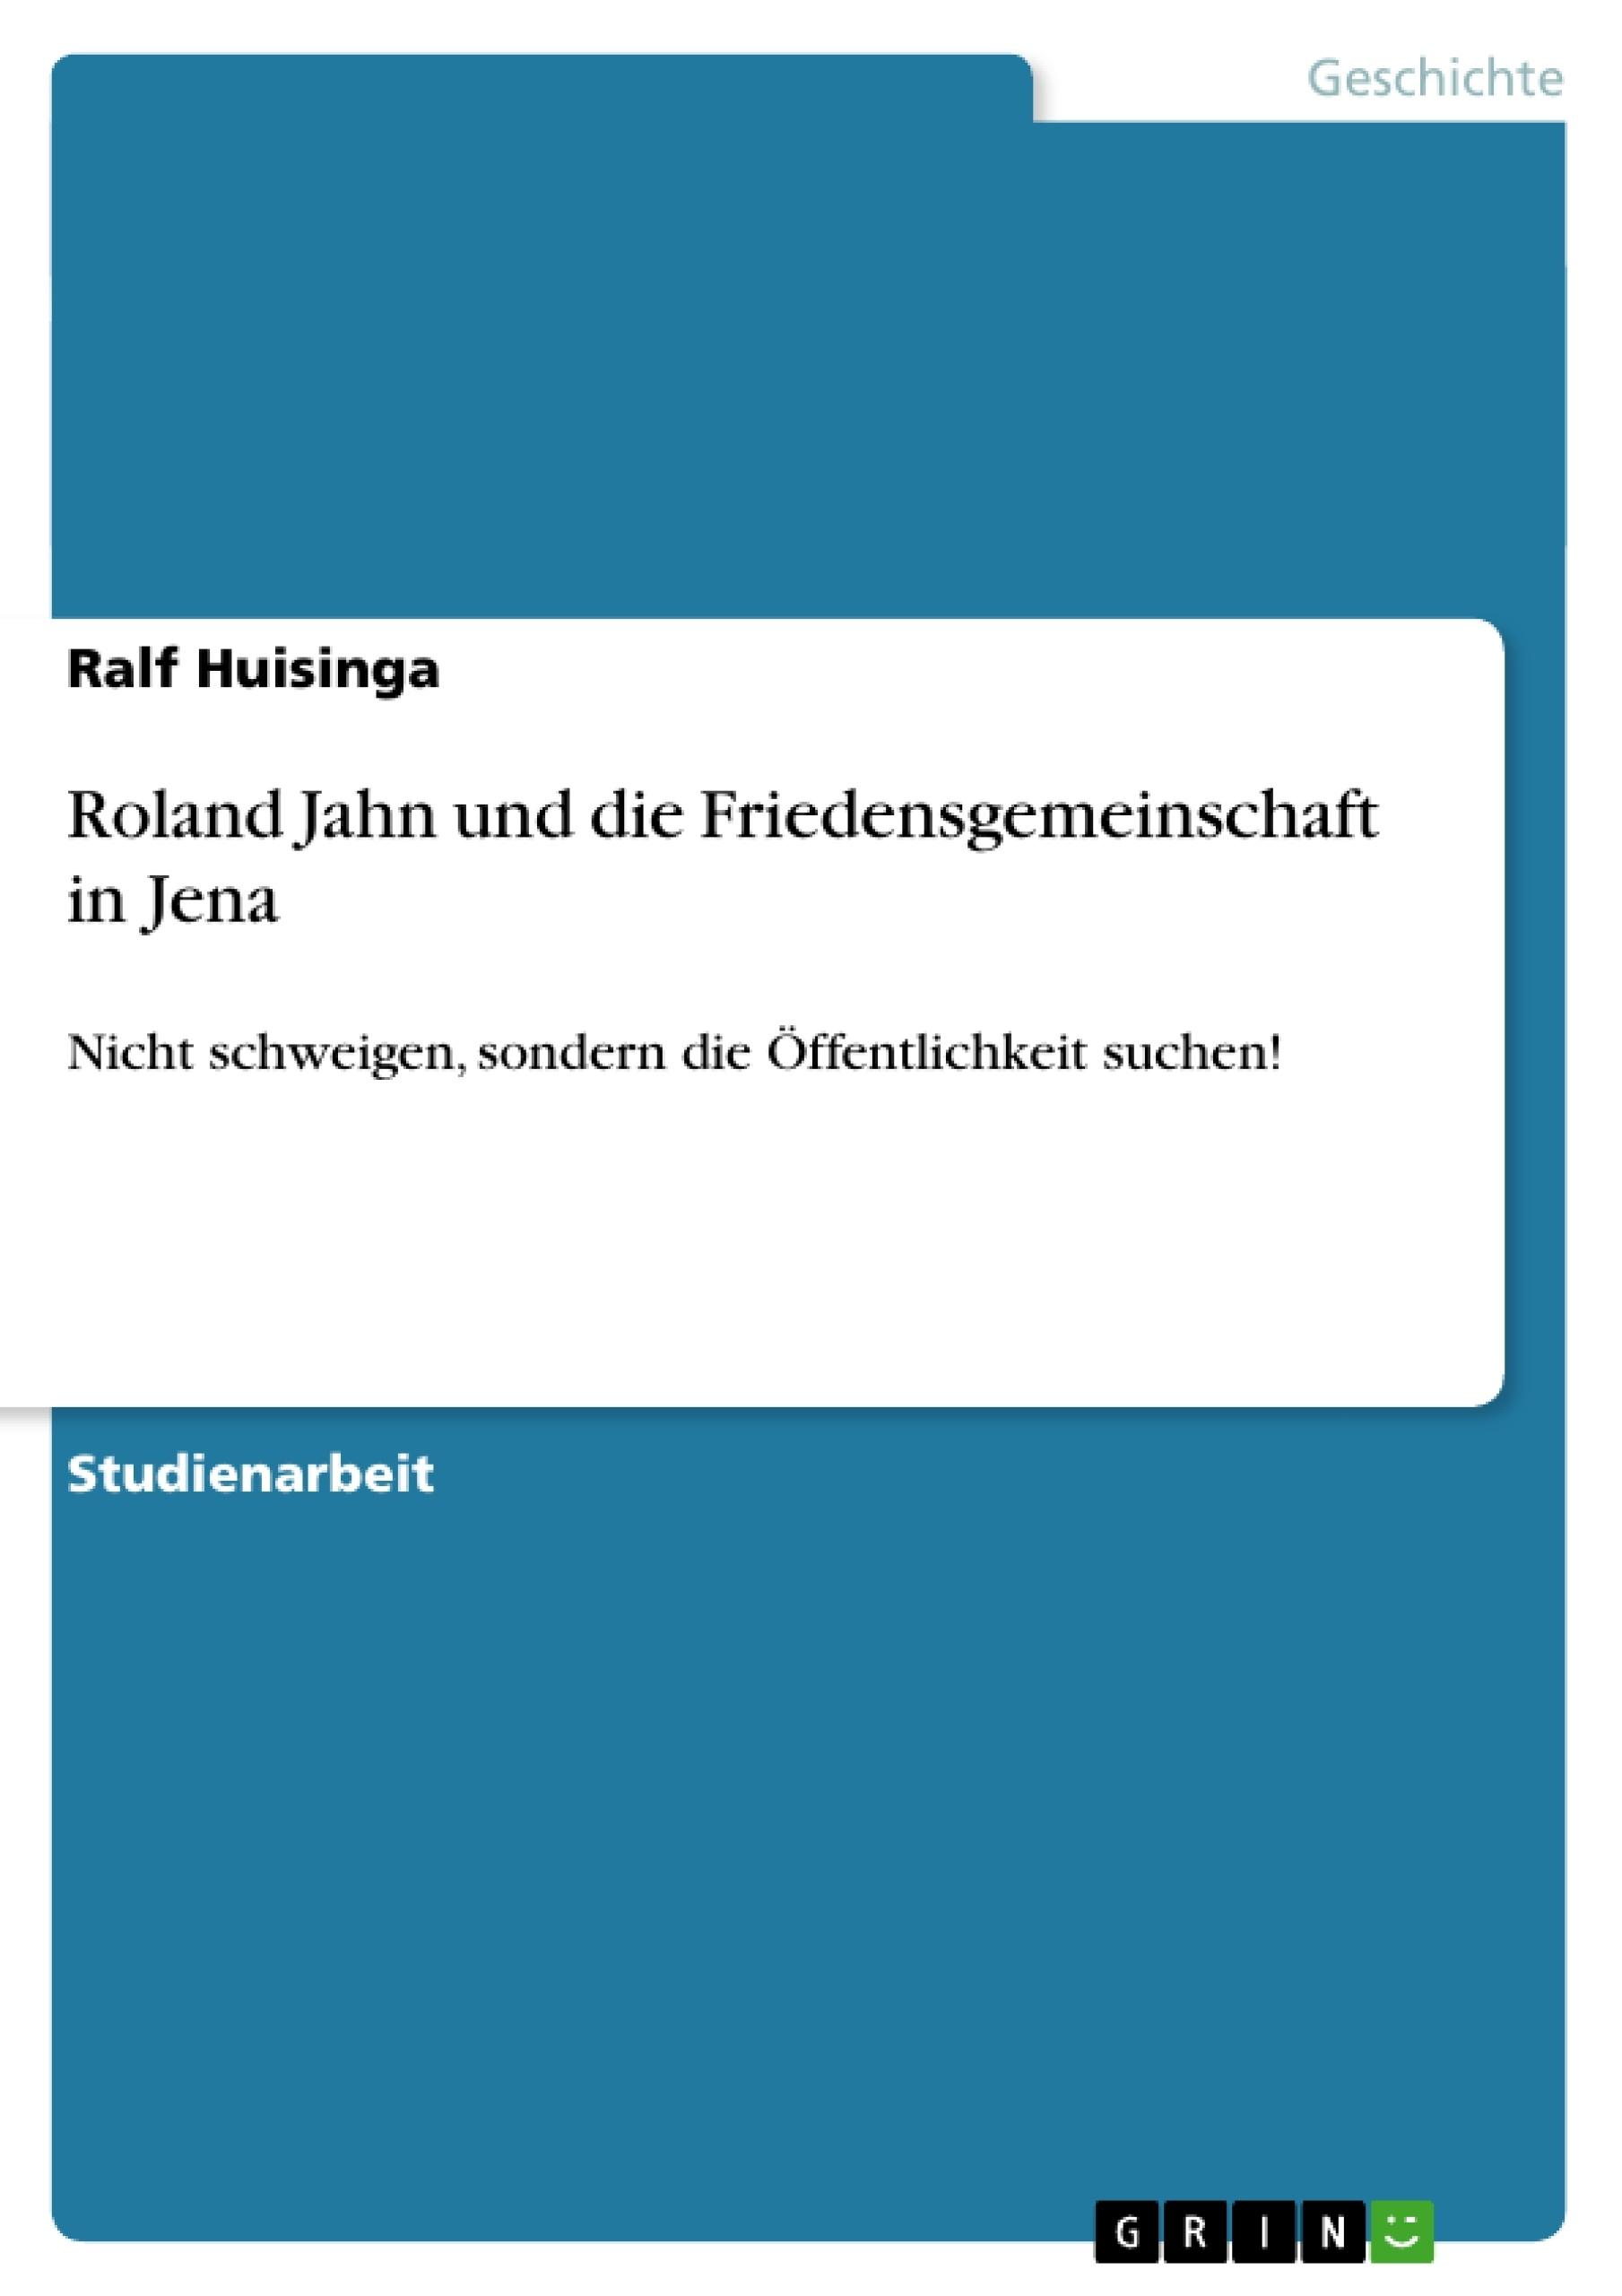 Titel: Roland Jahn und die Friedensgemeinschaft in Jena